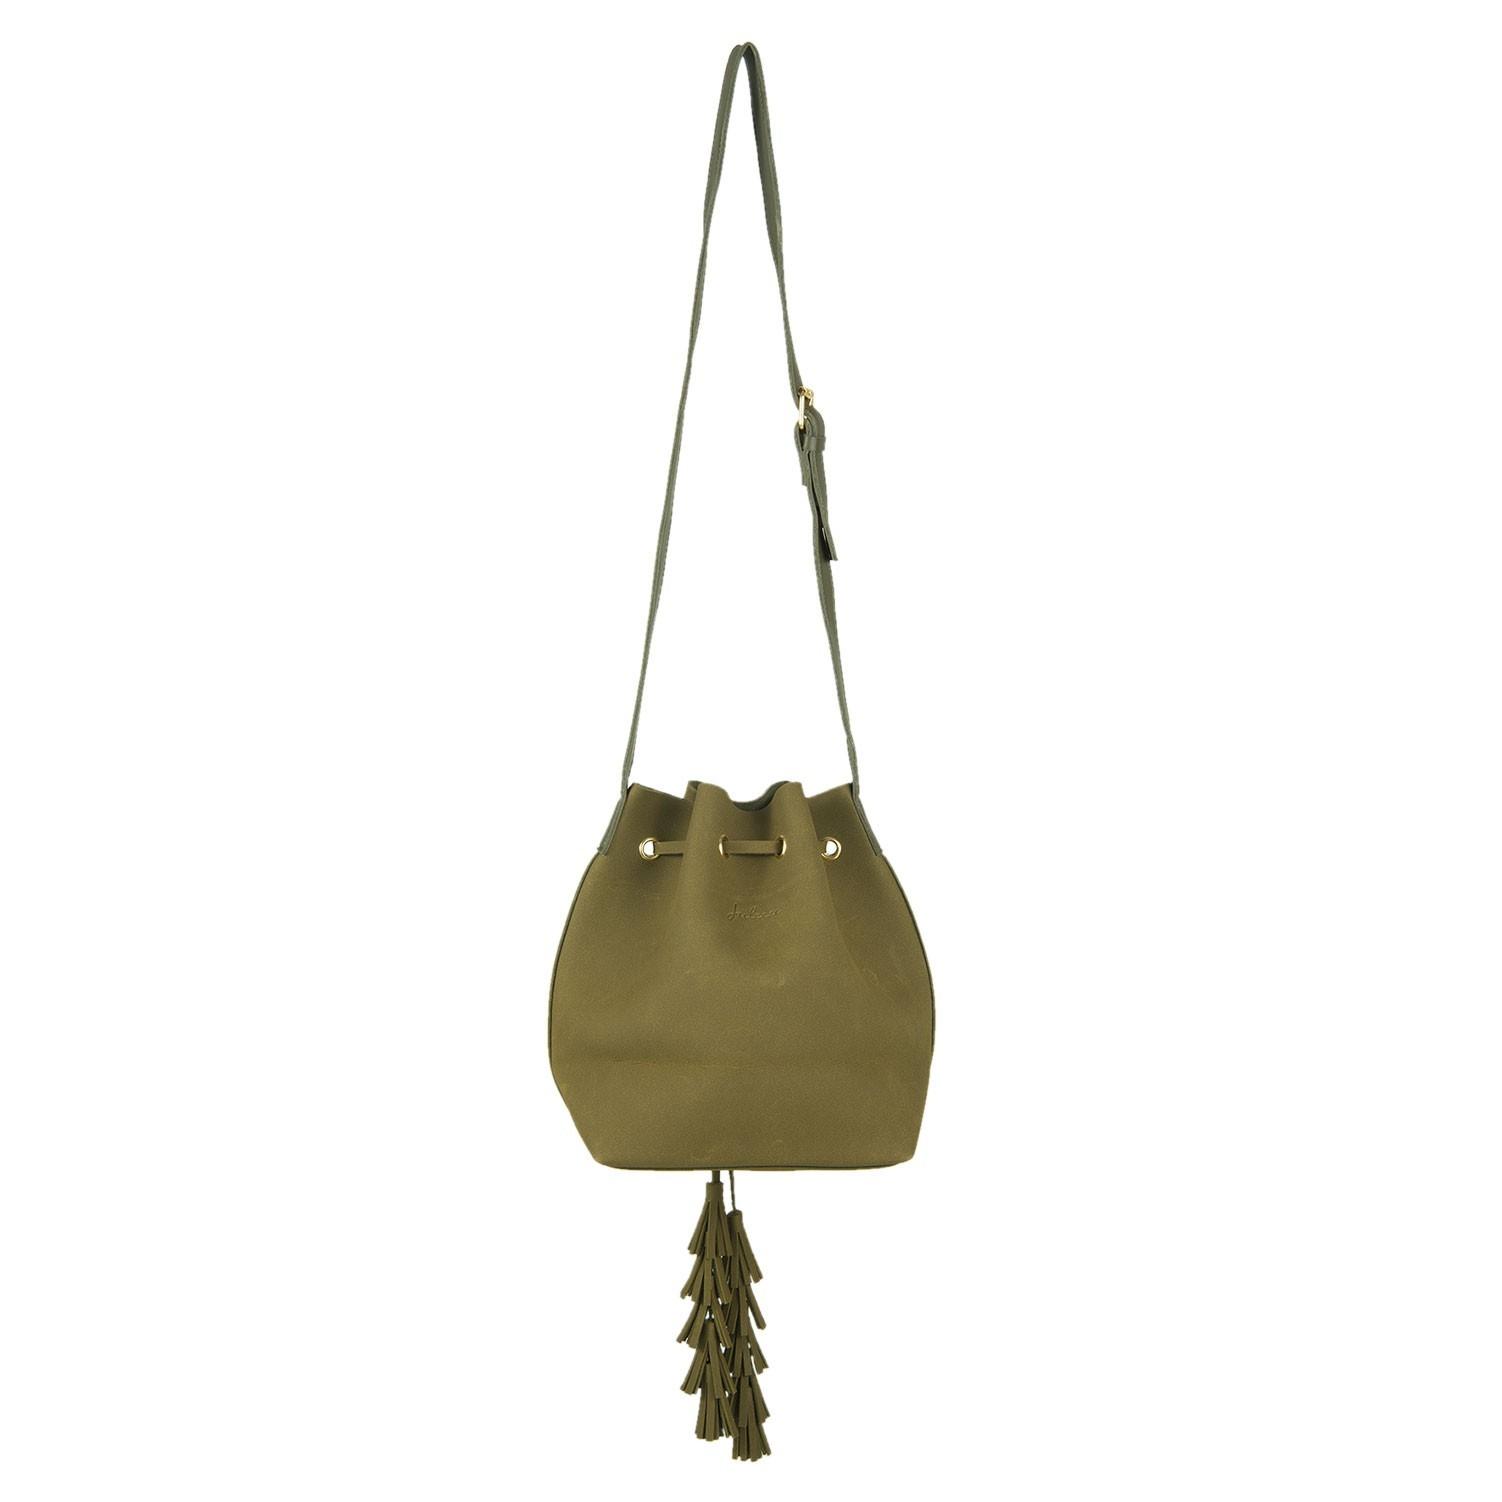 Juleeze Zelená kabelka Vak přes rameno Pouch - 22*24 cm